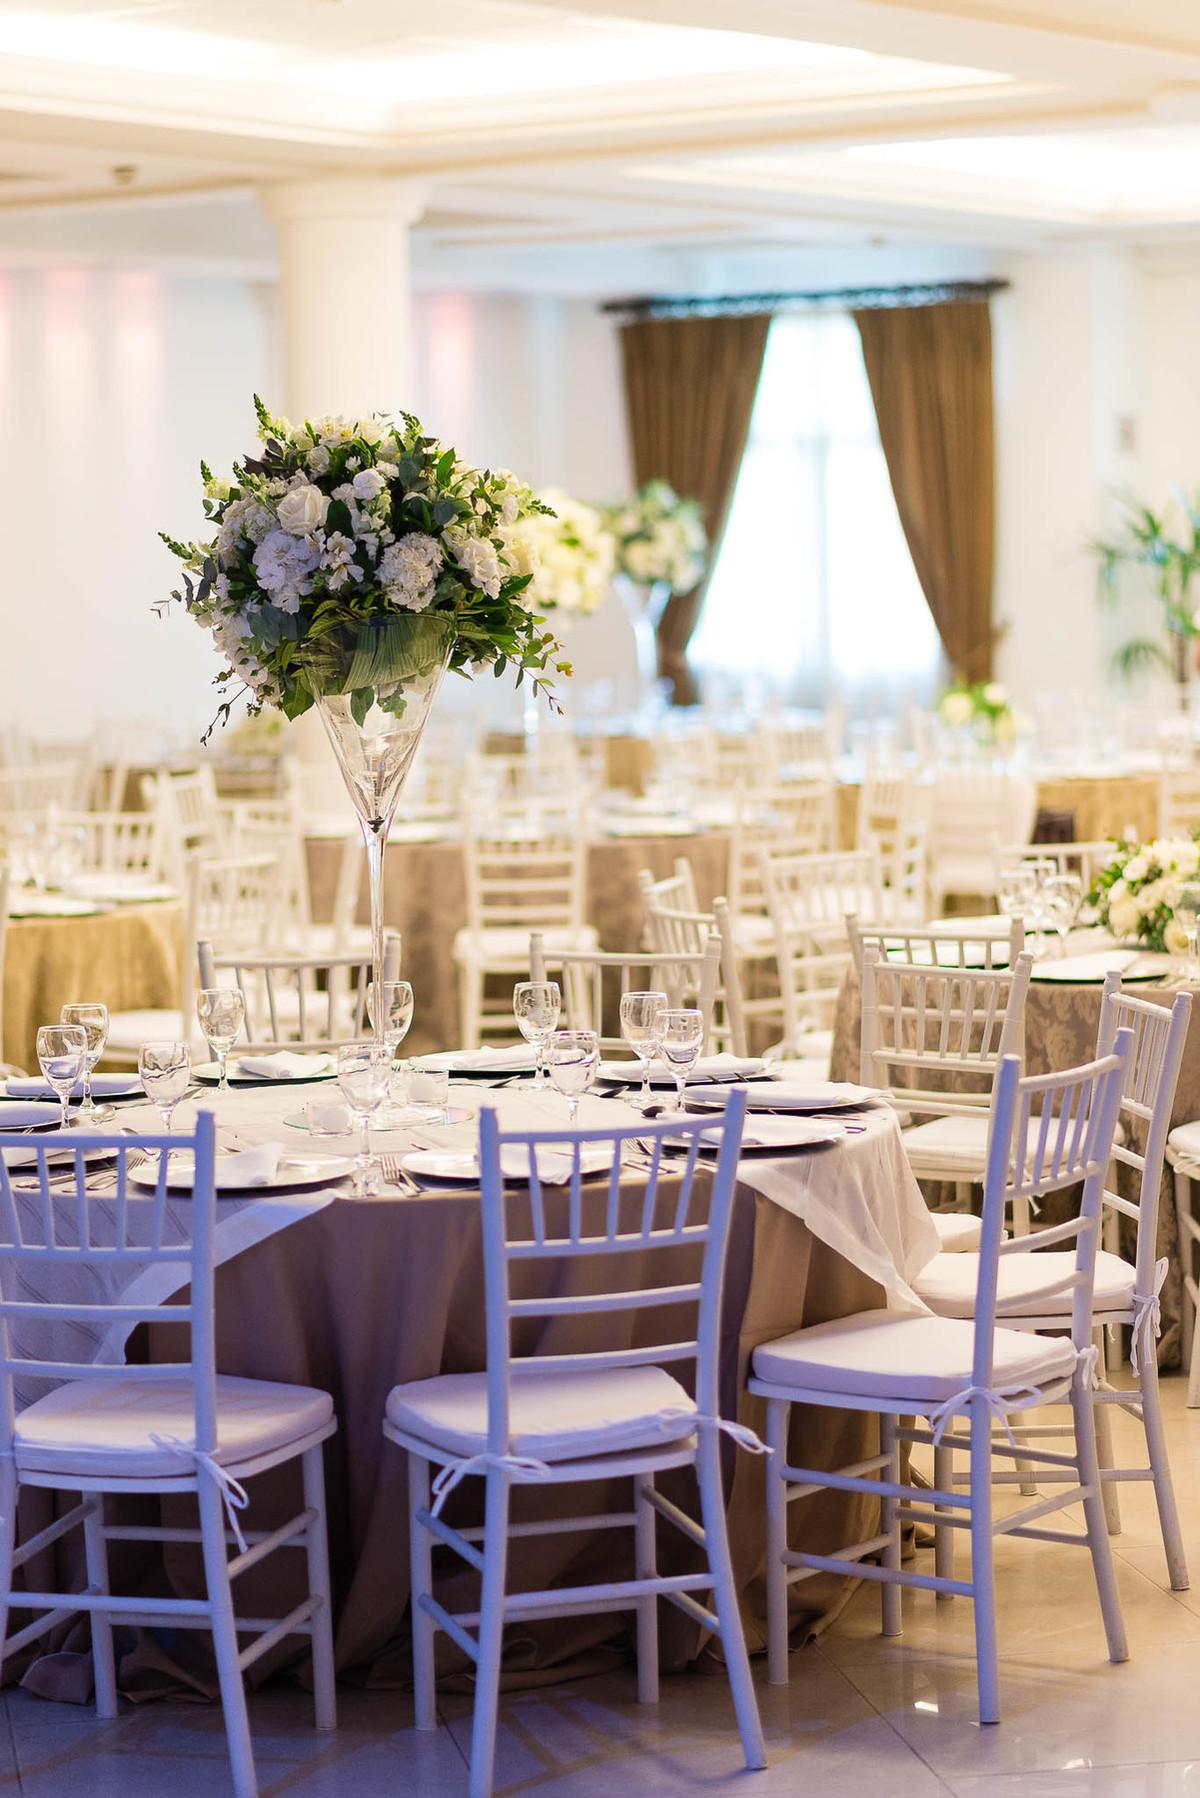 fotografia casamento espaço nobre são paulo flores mesas arranjos decoração wewfotografia